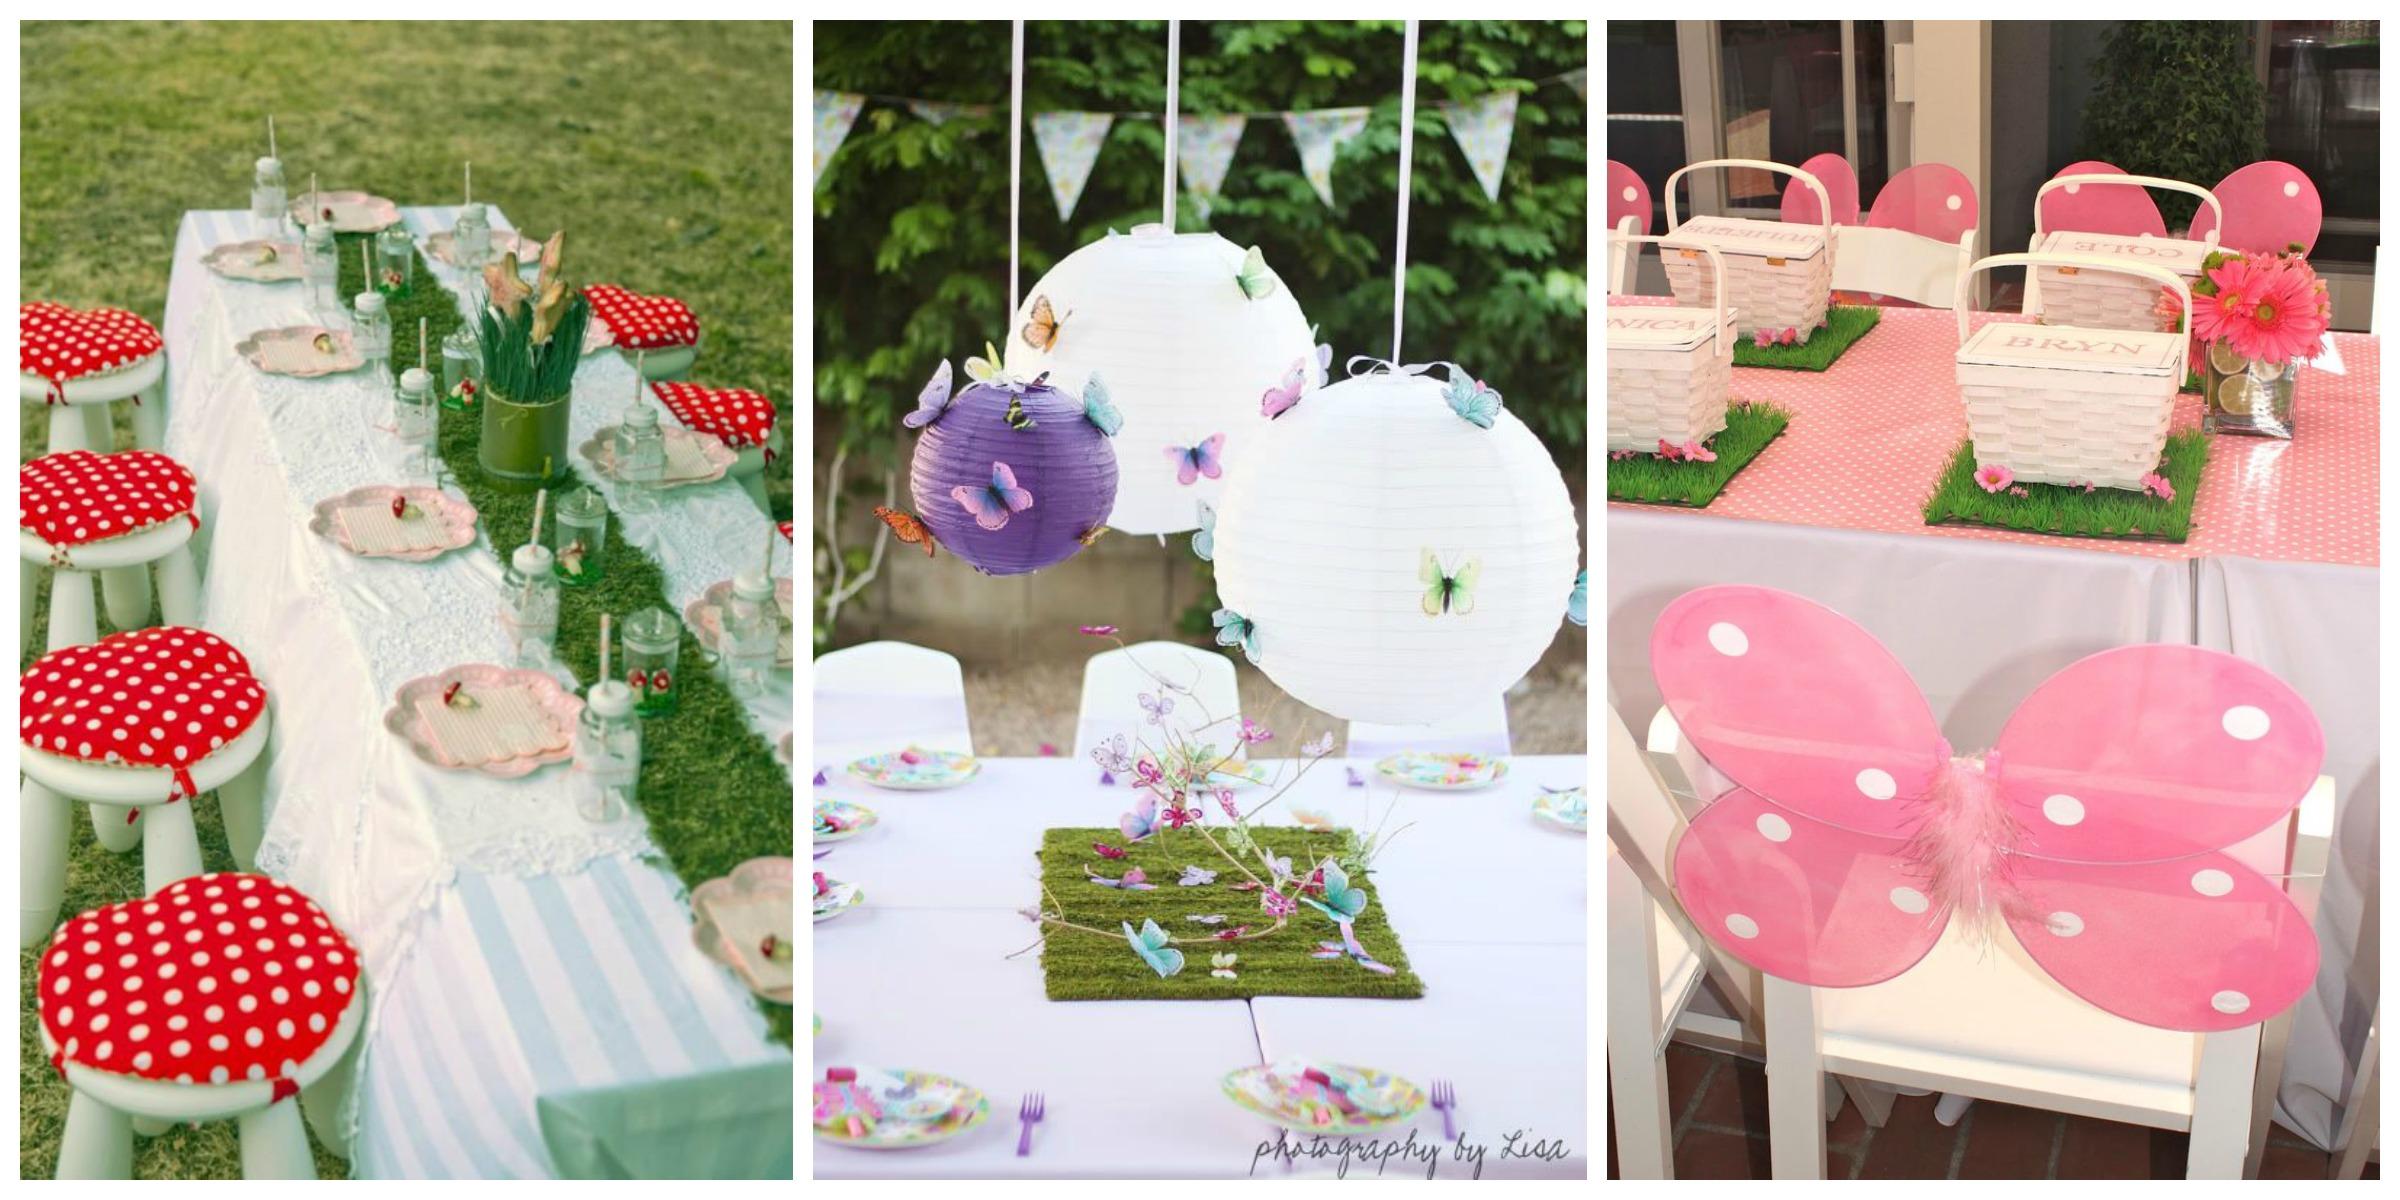 ideias de festa infantil jardim encantadofesta de criança